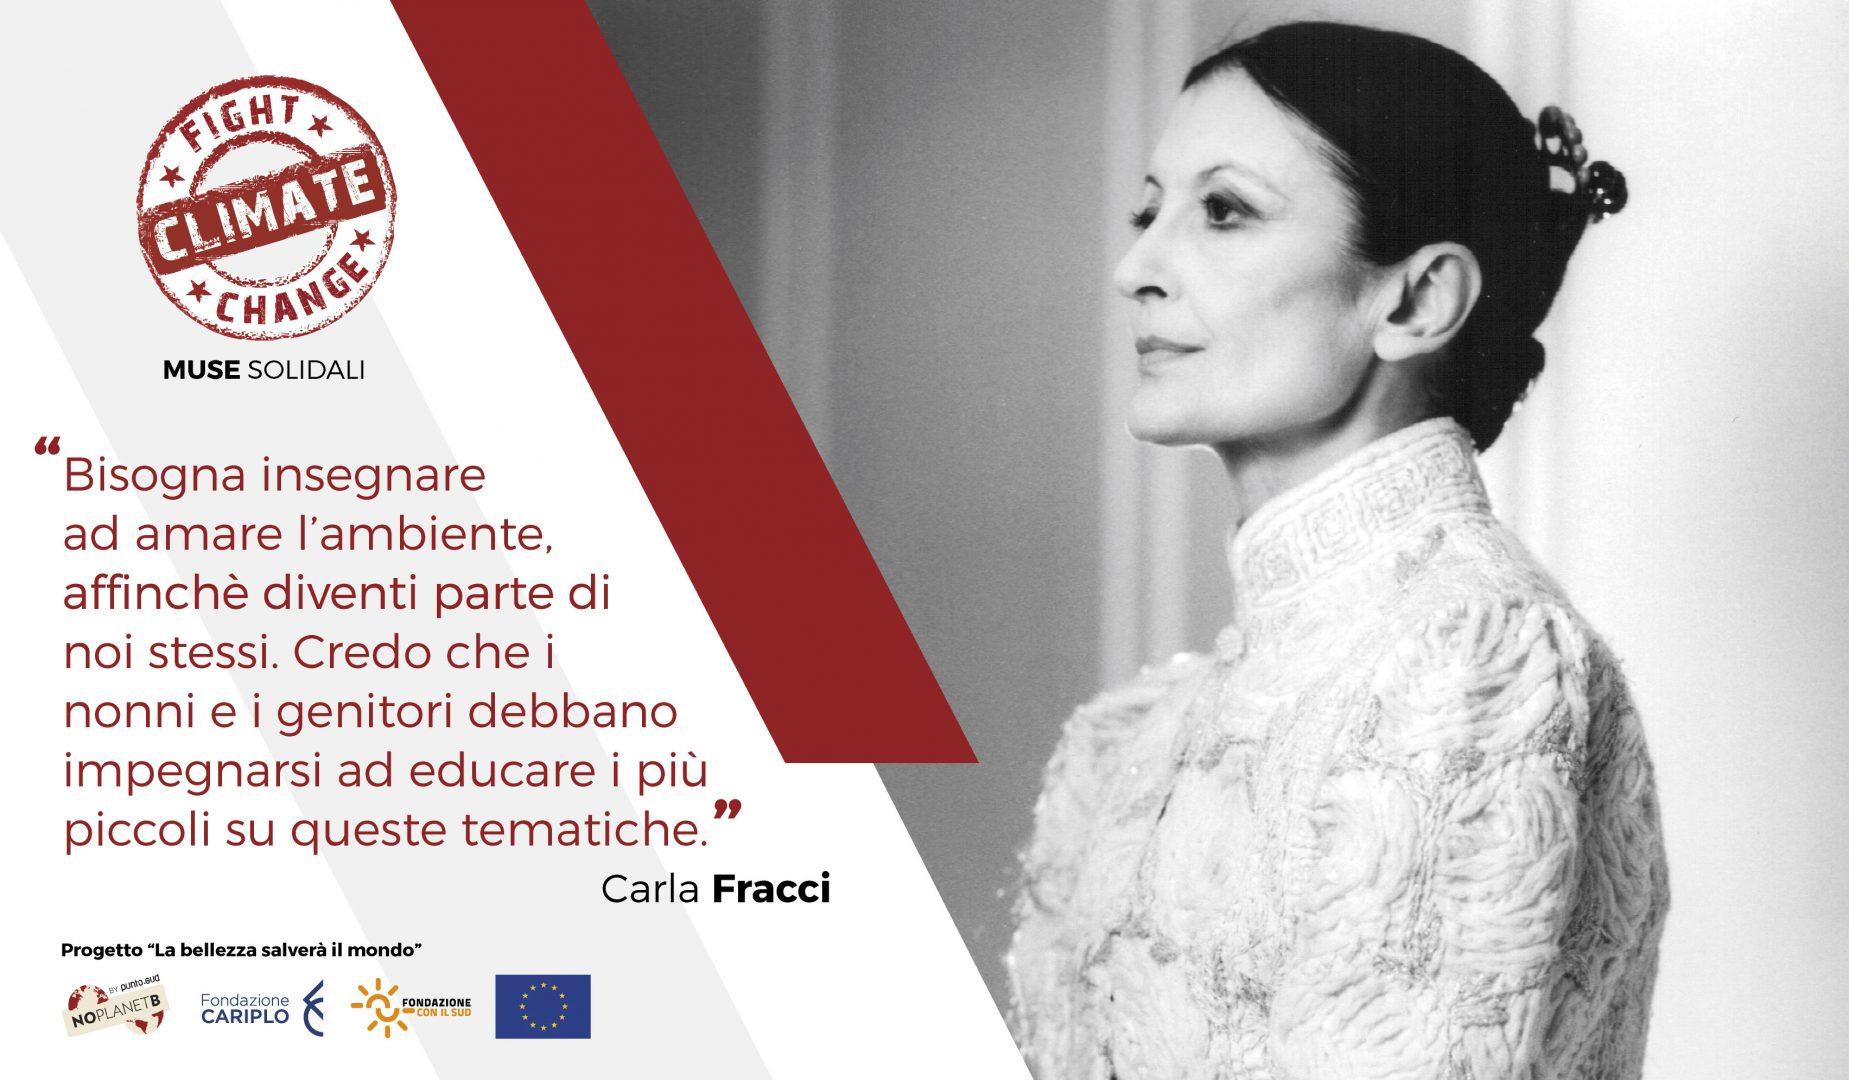 Carla-Fracci-pannello-120x70